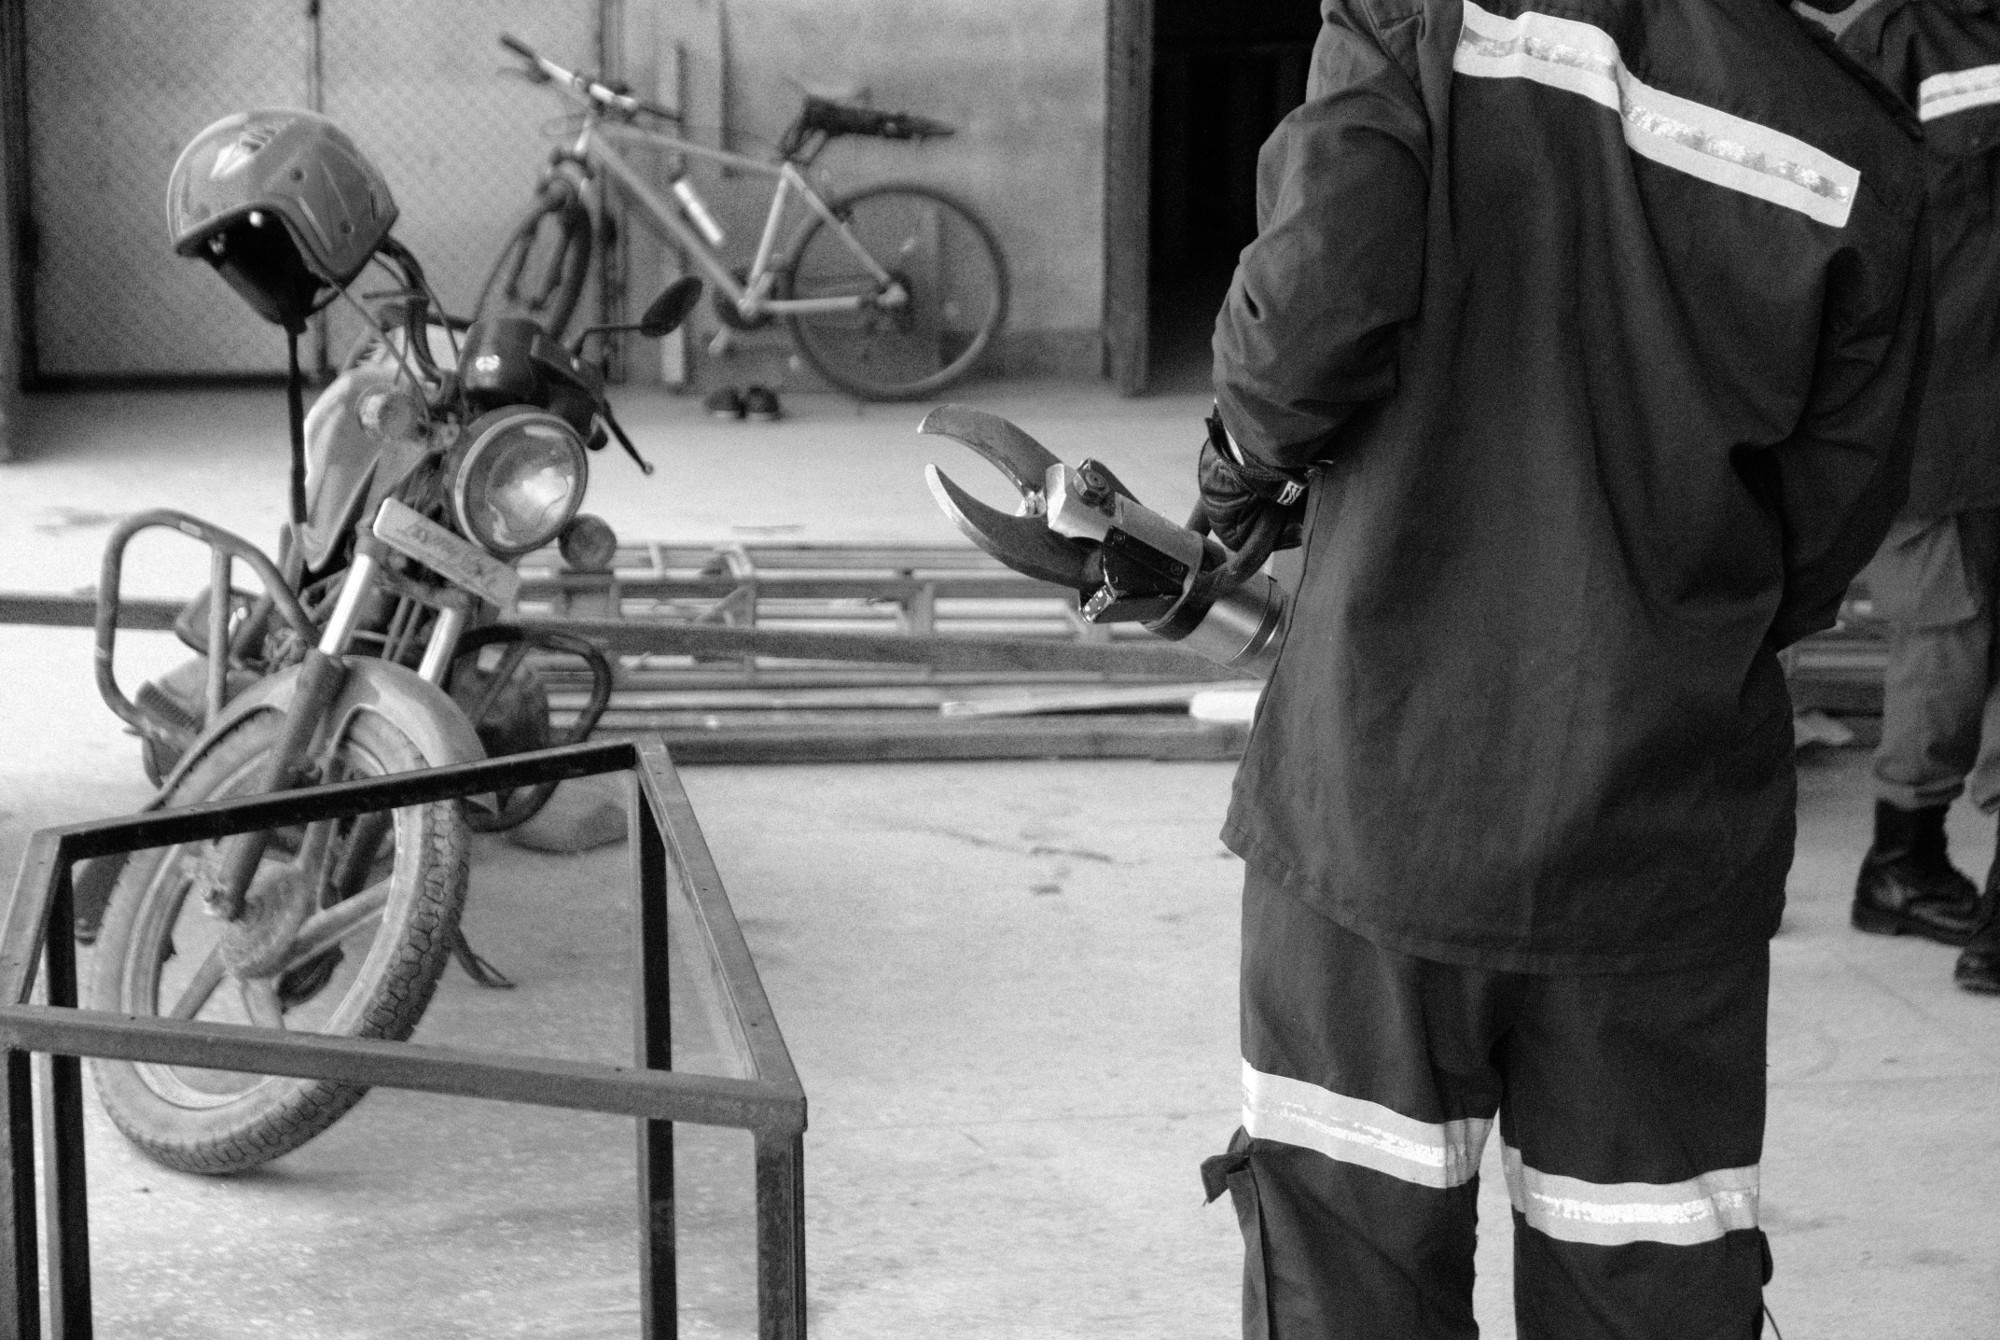 Hydraulic cutting tool